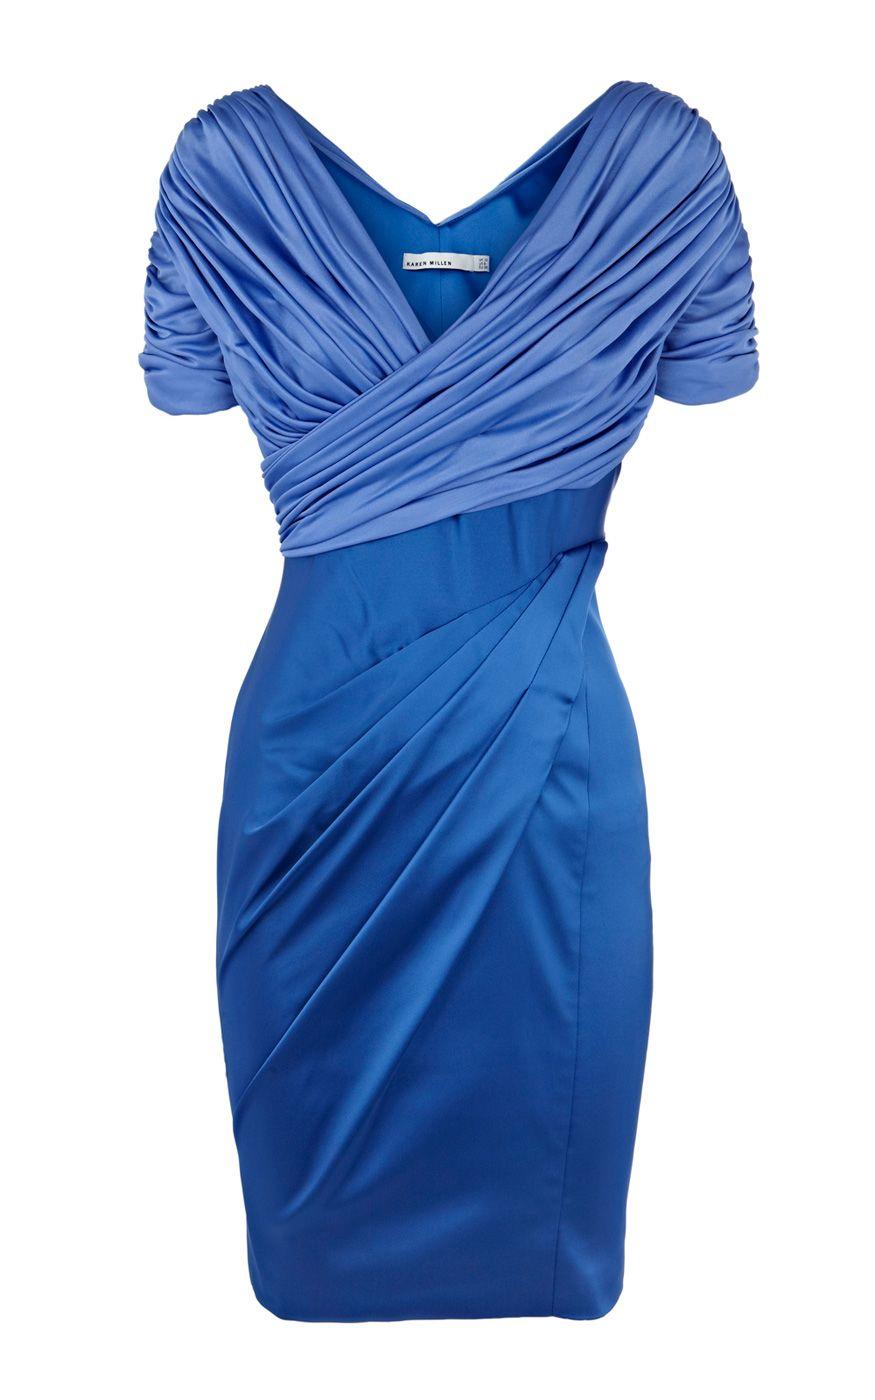 402aa6a14946 Karen Millen Dress Most Women can wear a dress like this check the  rushing FAB!!!